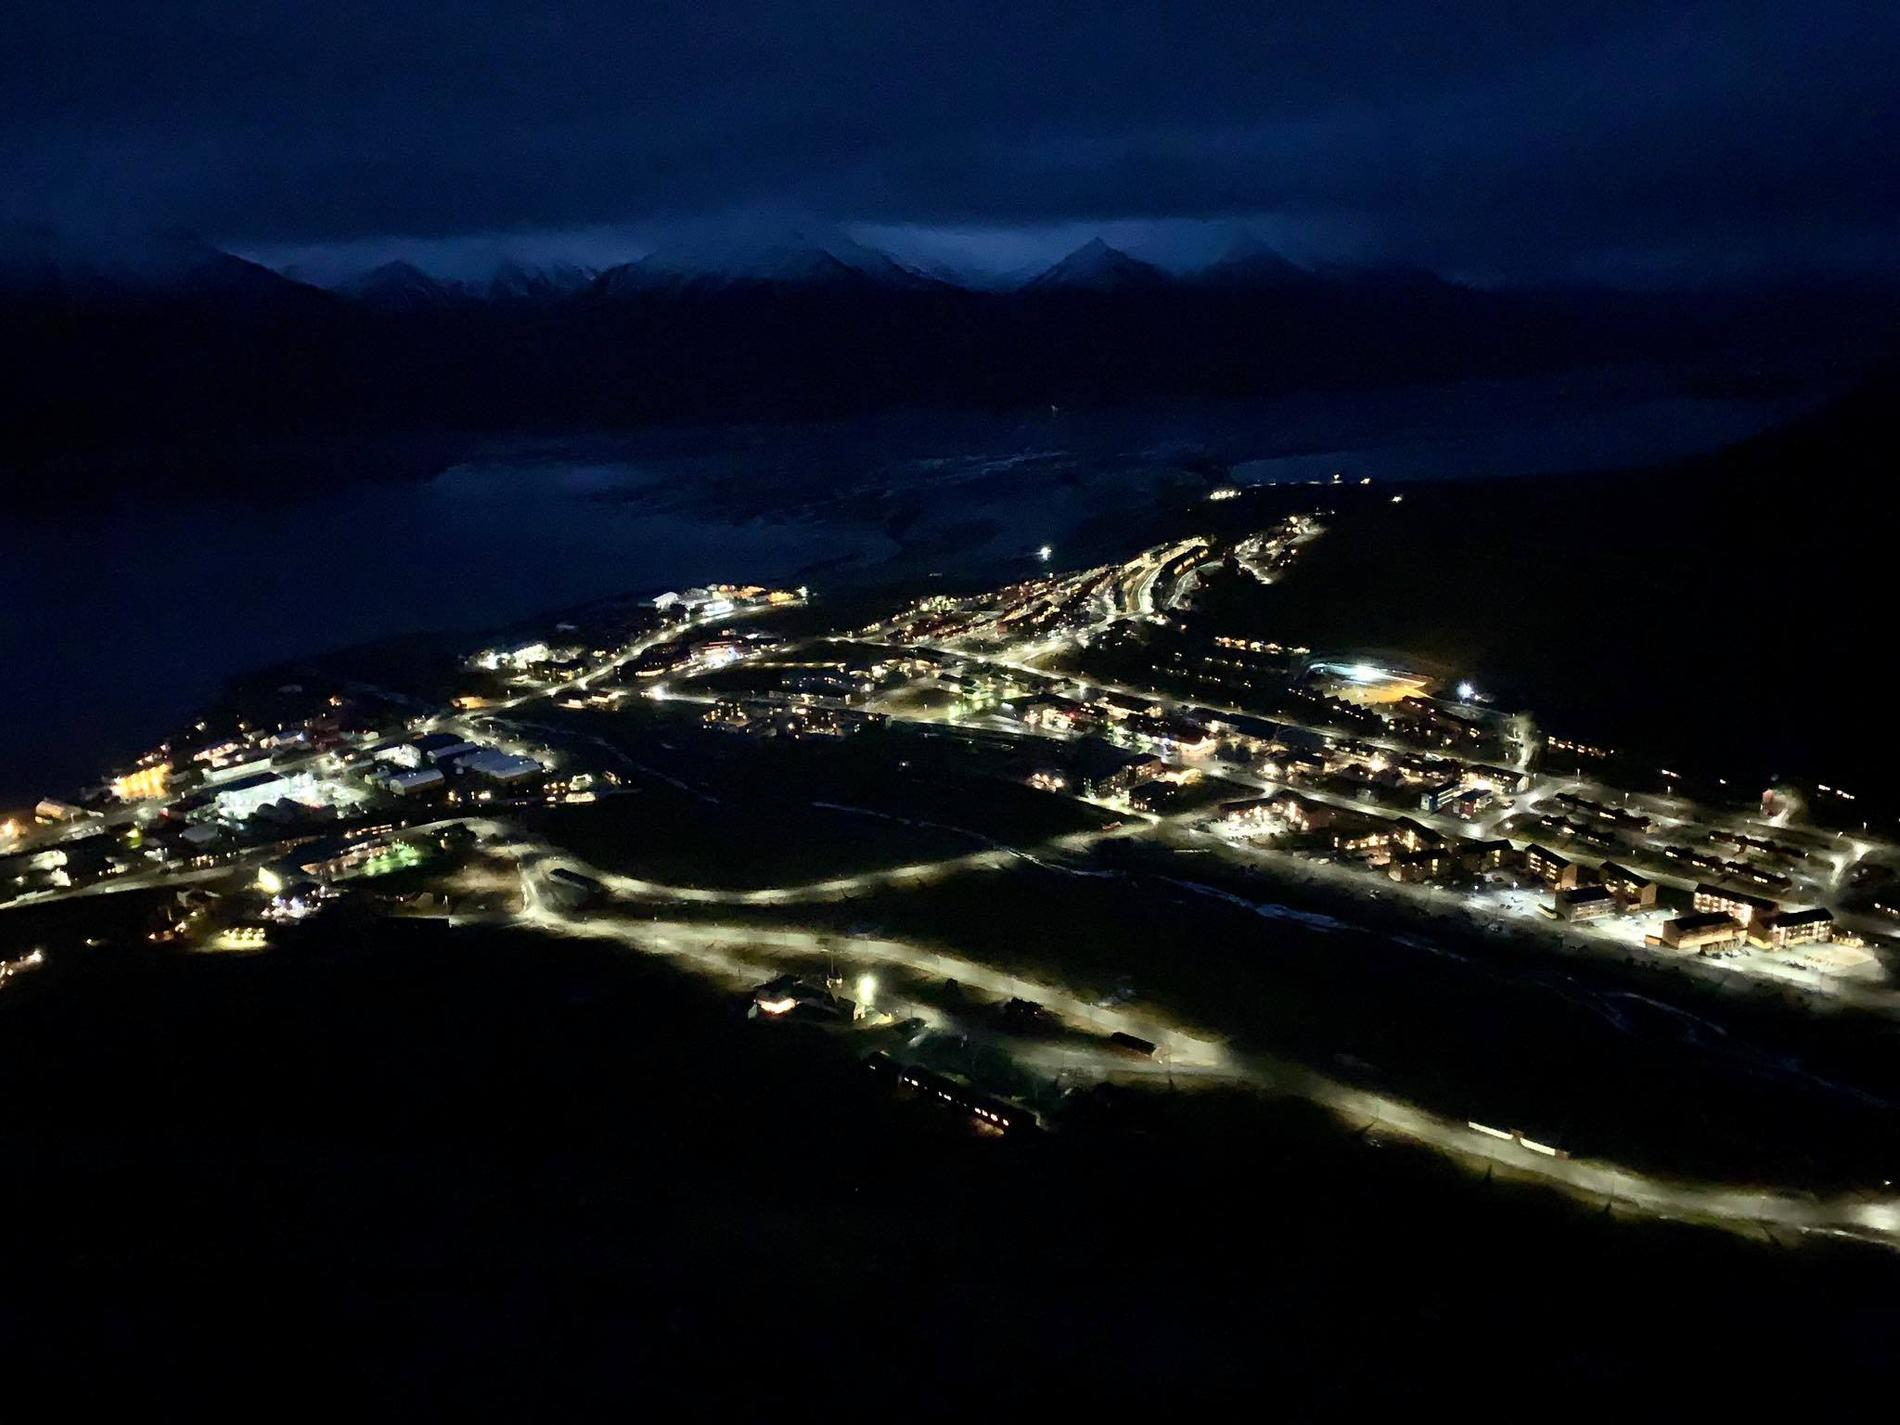 Just nu är det mörkertid på Svalbard, invånarna har ungefär fyra månader av totalt mörker framför sig.